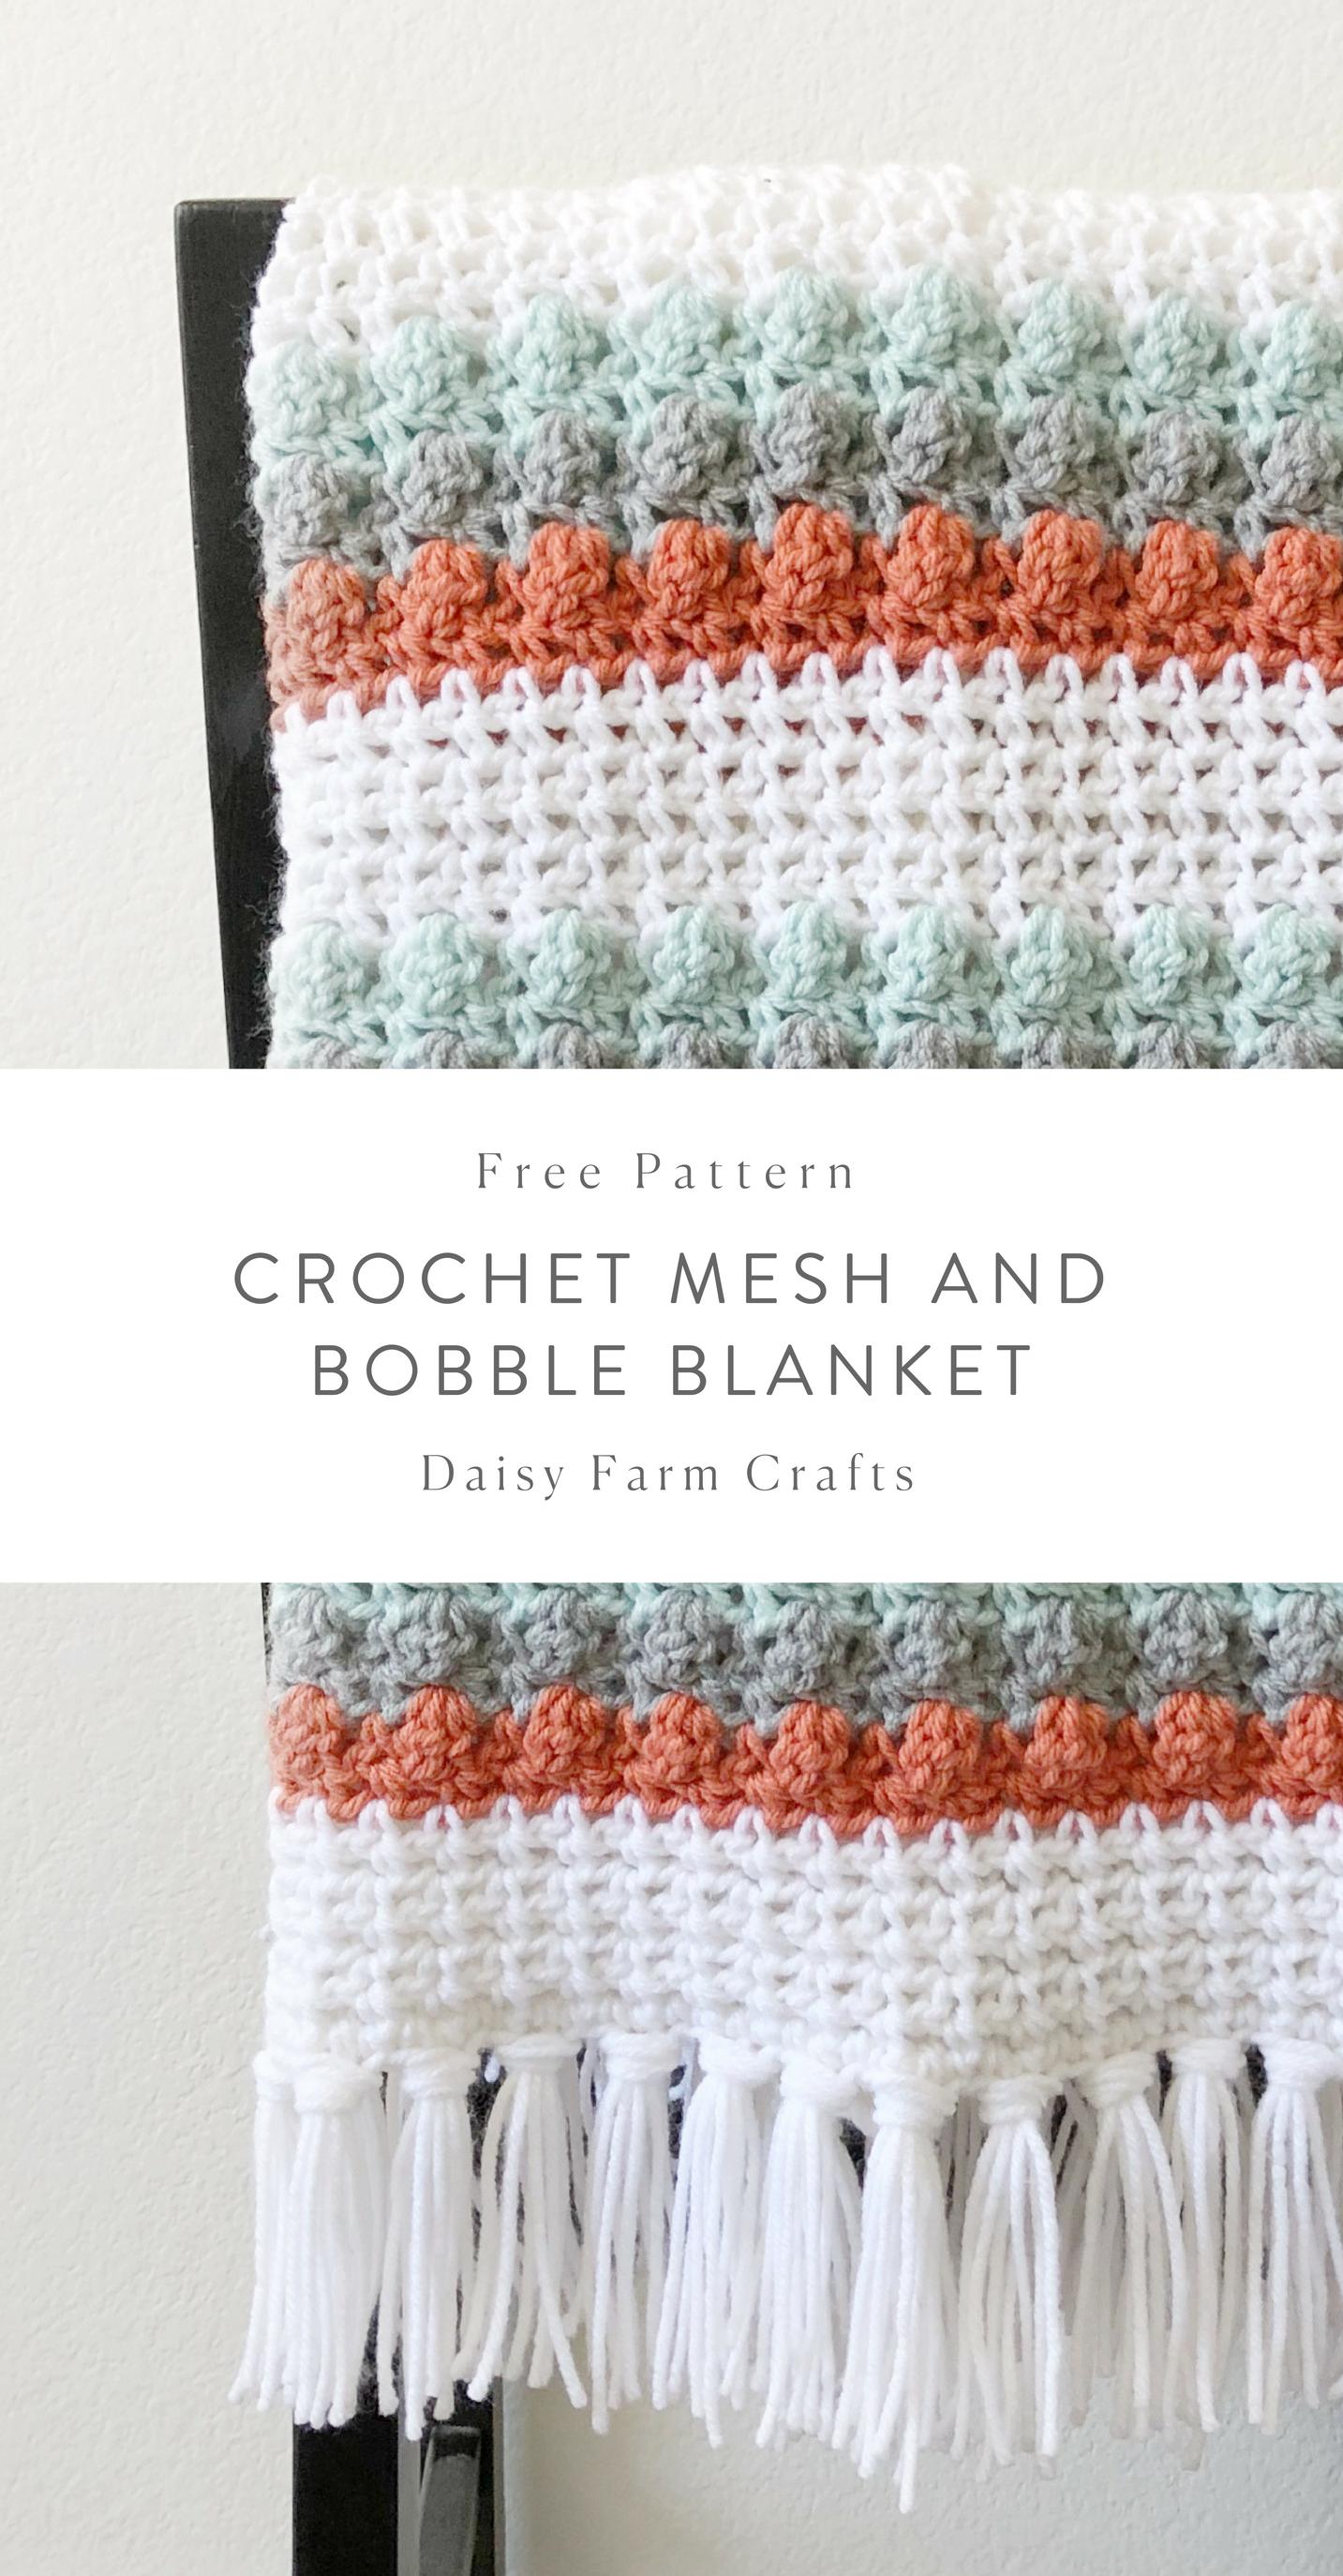 Free Pattern - Crochet Mesh and Bobble Blanket #crochet   crochet ...